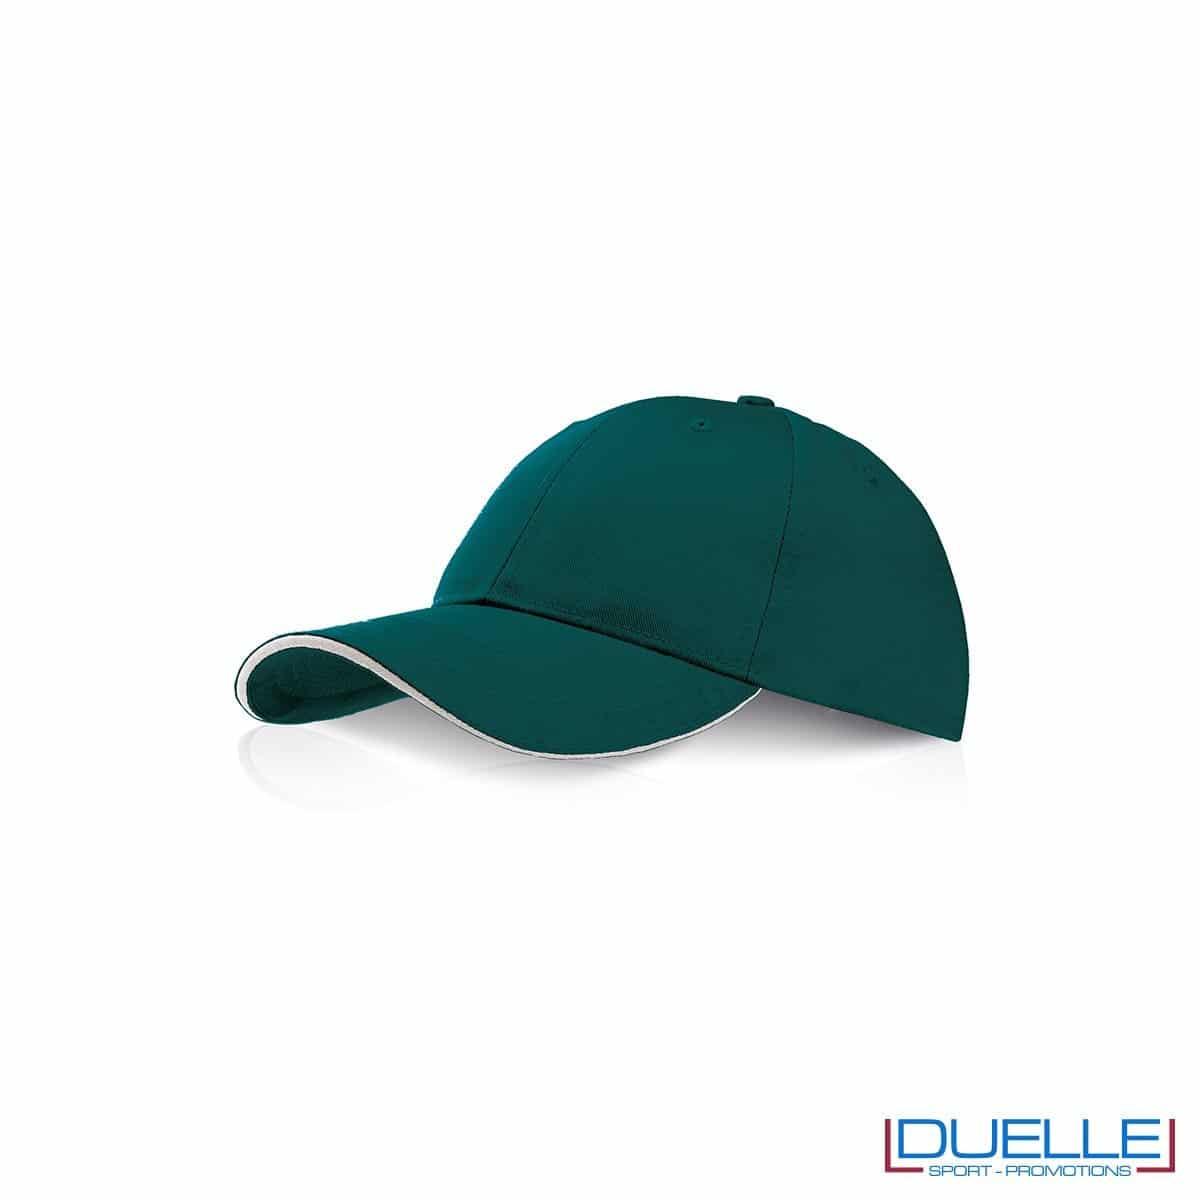 Cappellino personalizzato con visiera a sandwich verde scuro, cappellini promozionali verde scuro